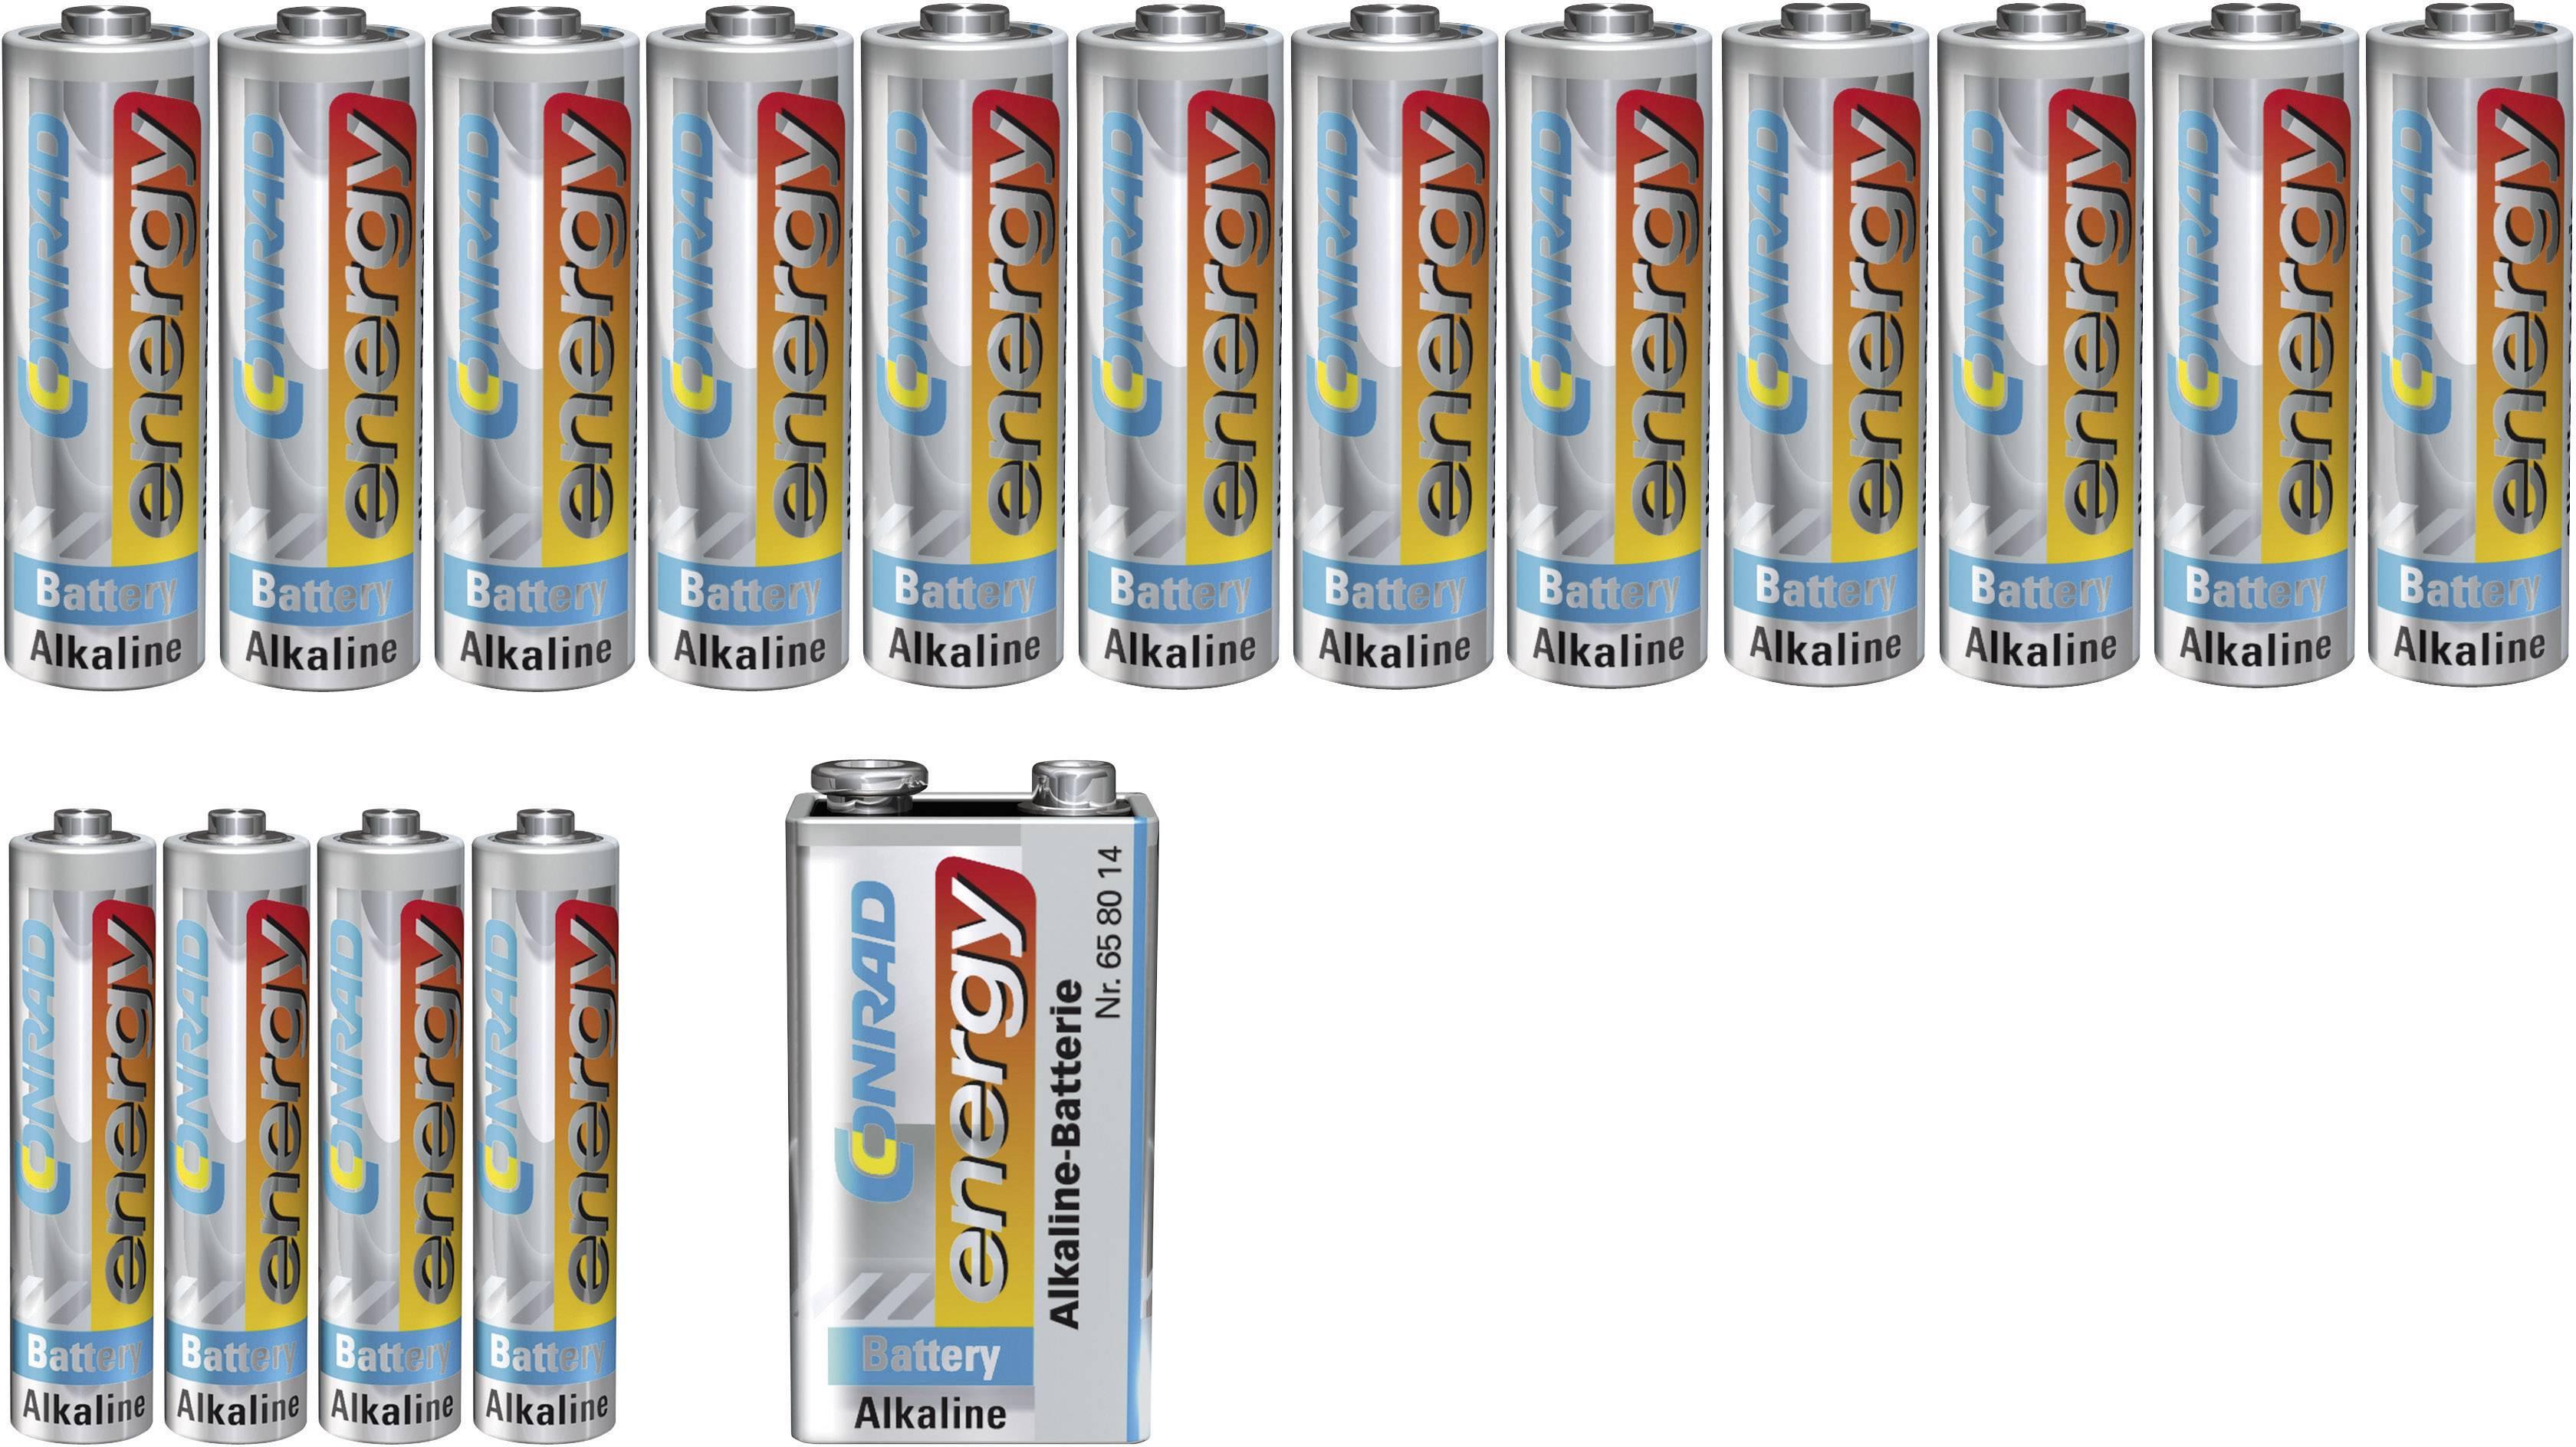 Sada baterií